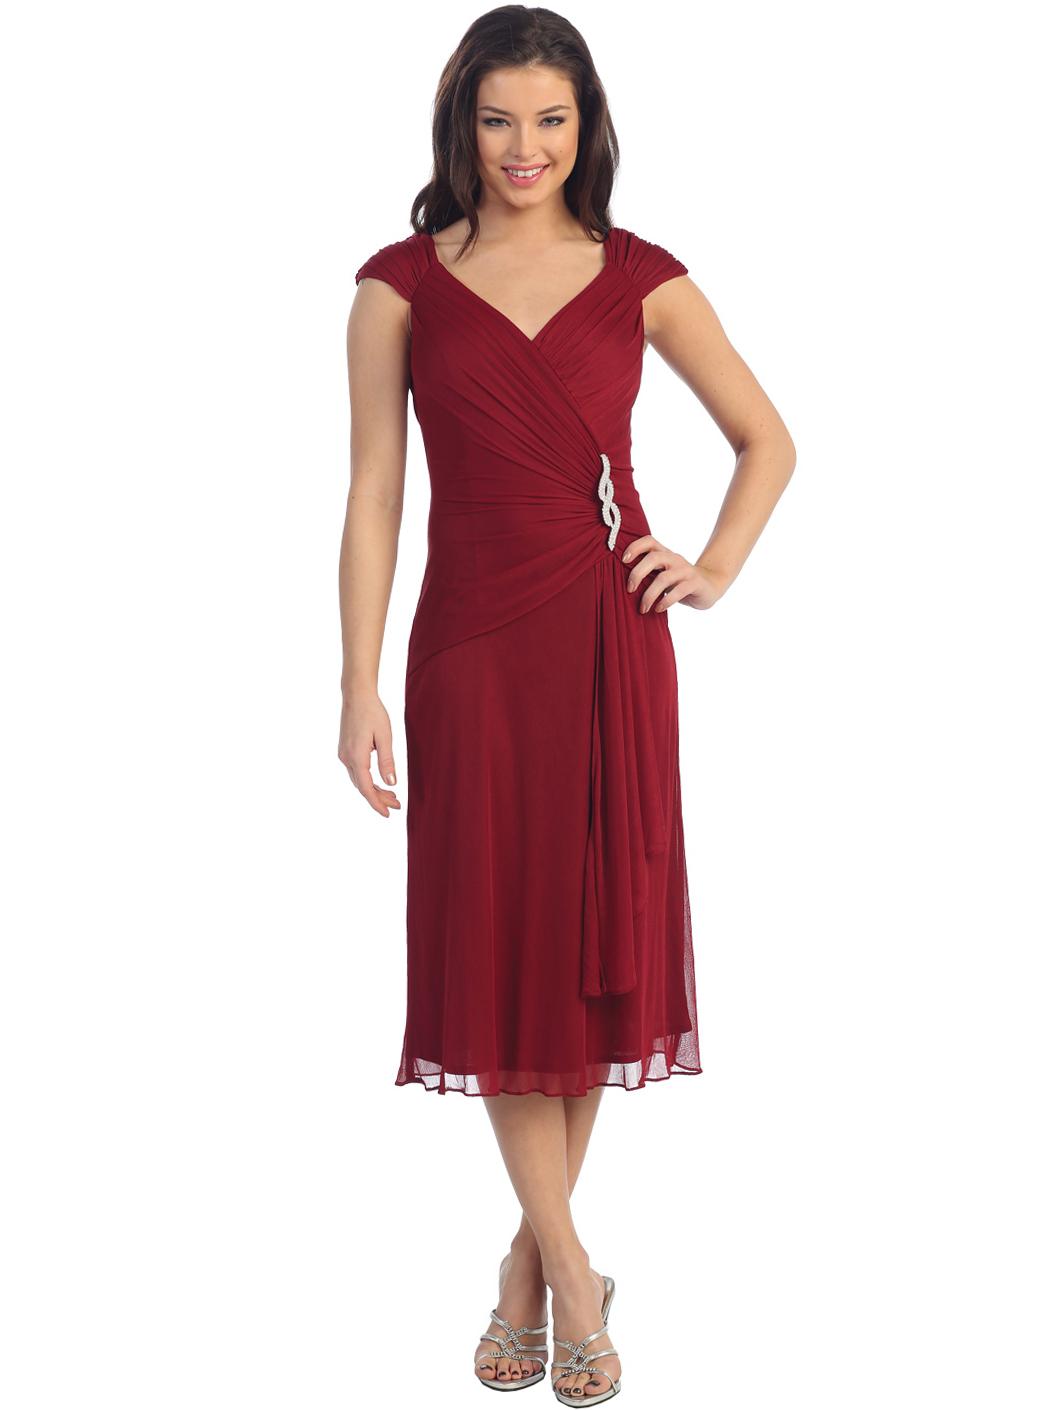 Cap-sleeve Cocktail Dress   Sung Boutique L.A.